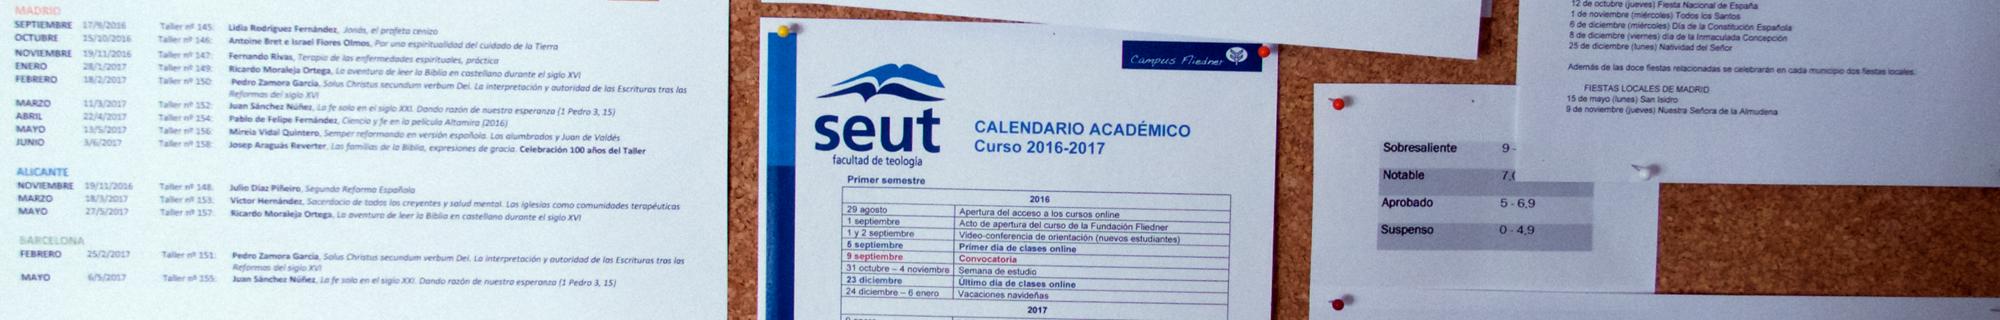 Calendario académico SEUT